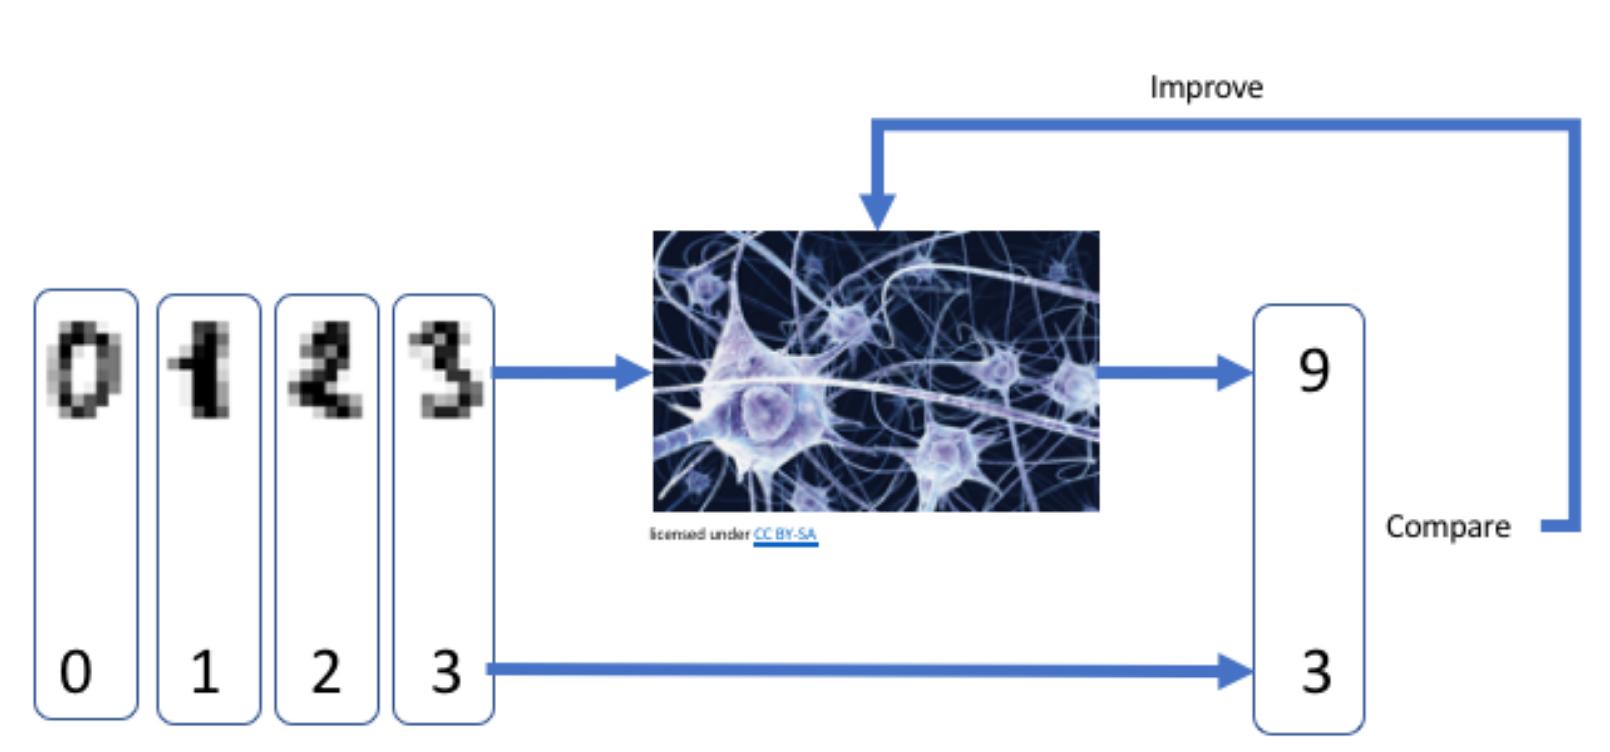 Fonctionnement d'un réseau de neurone entraîné pour la reconnaissance de chiffres.